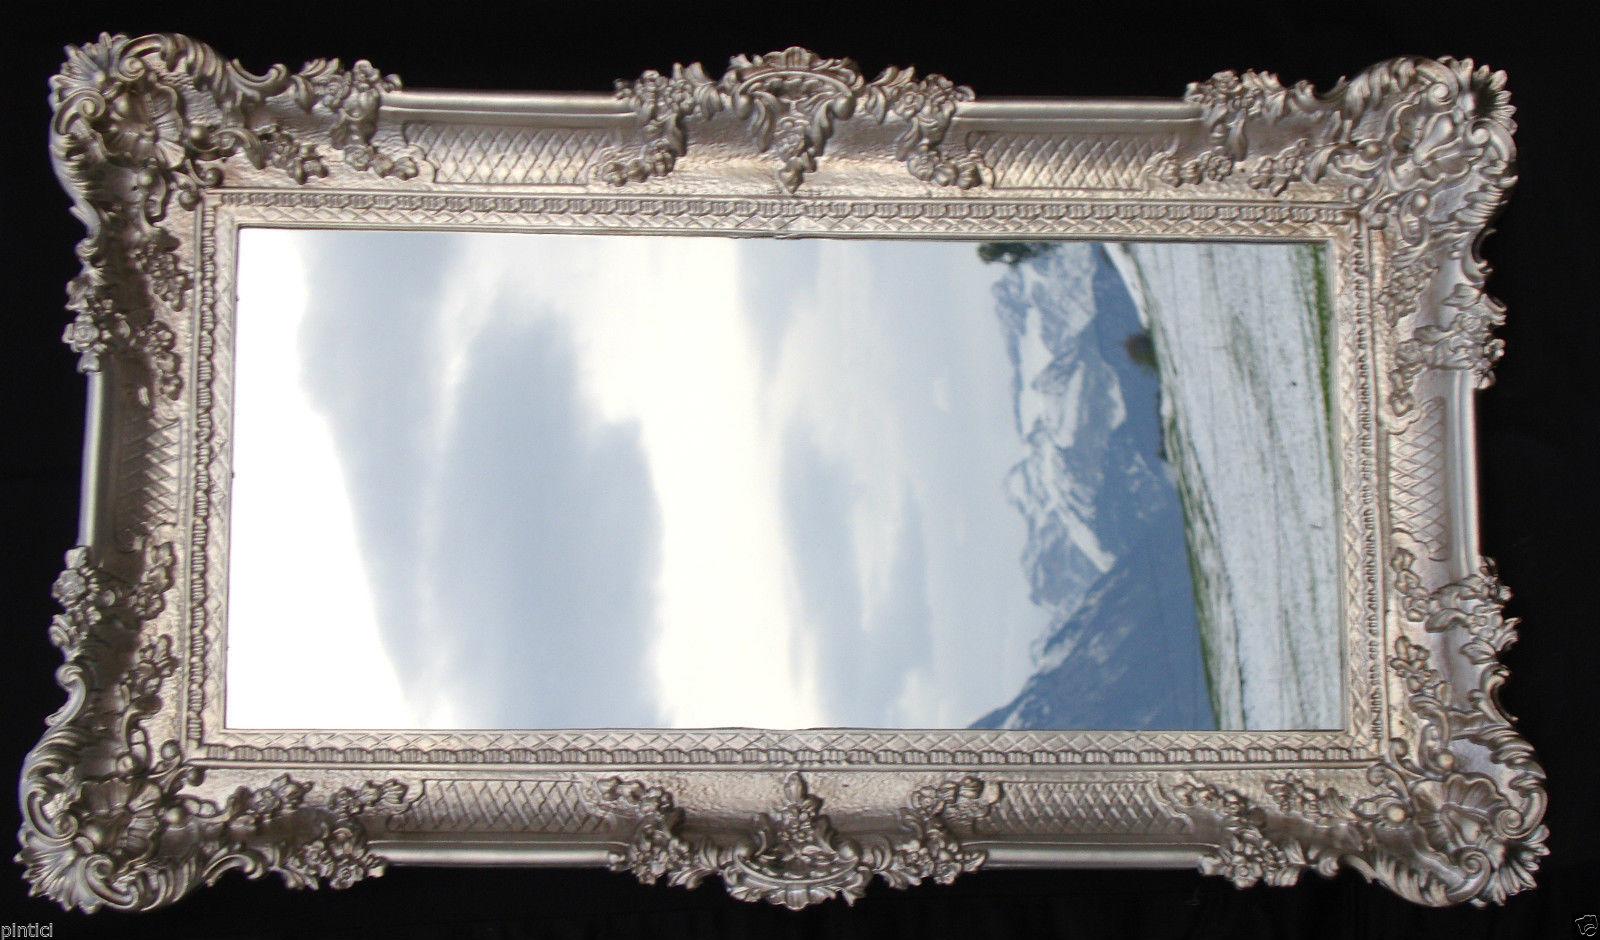 spiegel deko günstig & sicher kaufen bei Yatego